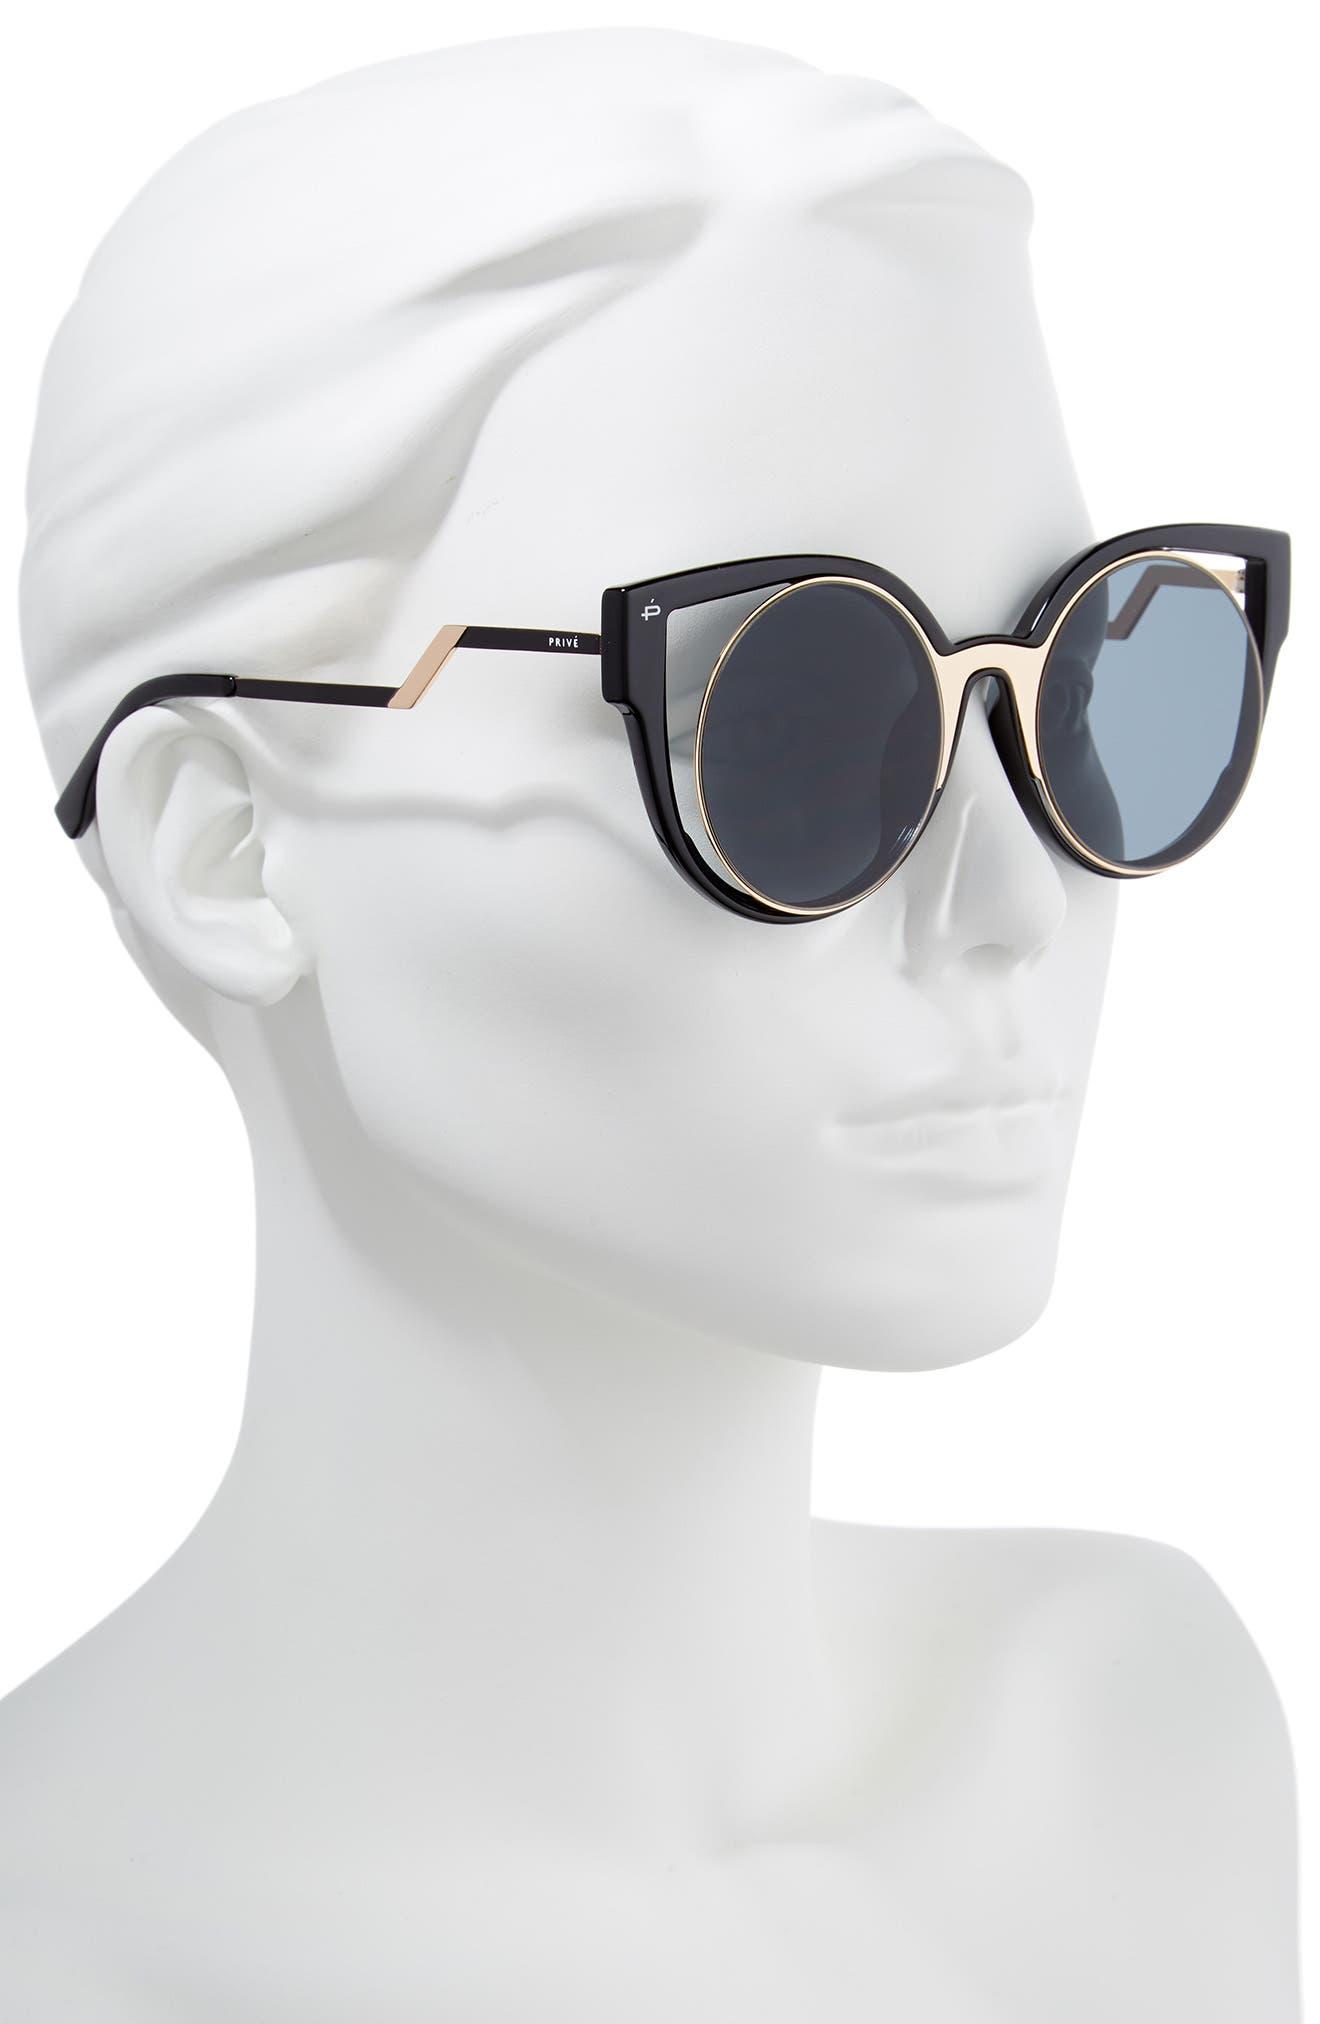 Privé Revaux The Feminist 47mm Cat Eye Sunglasses,                             Alternate thumbnail 2, color,                             001